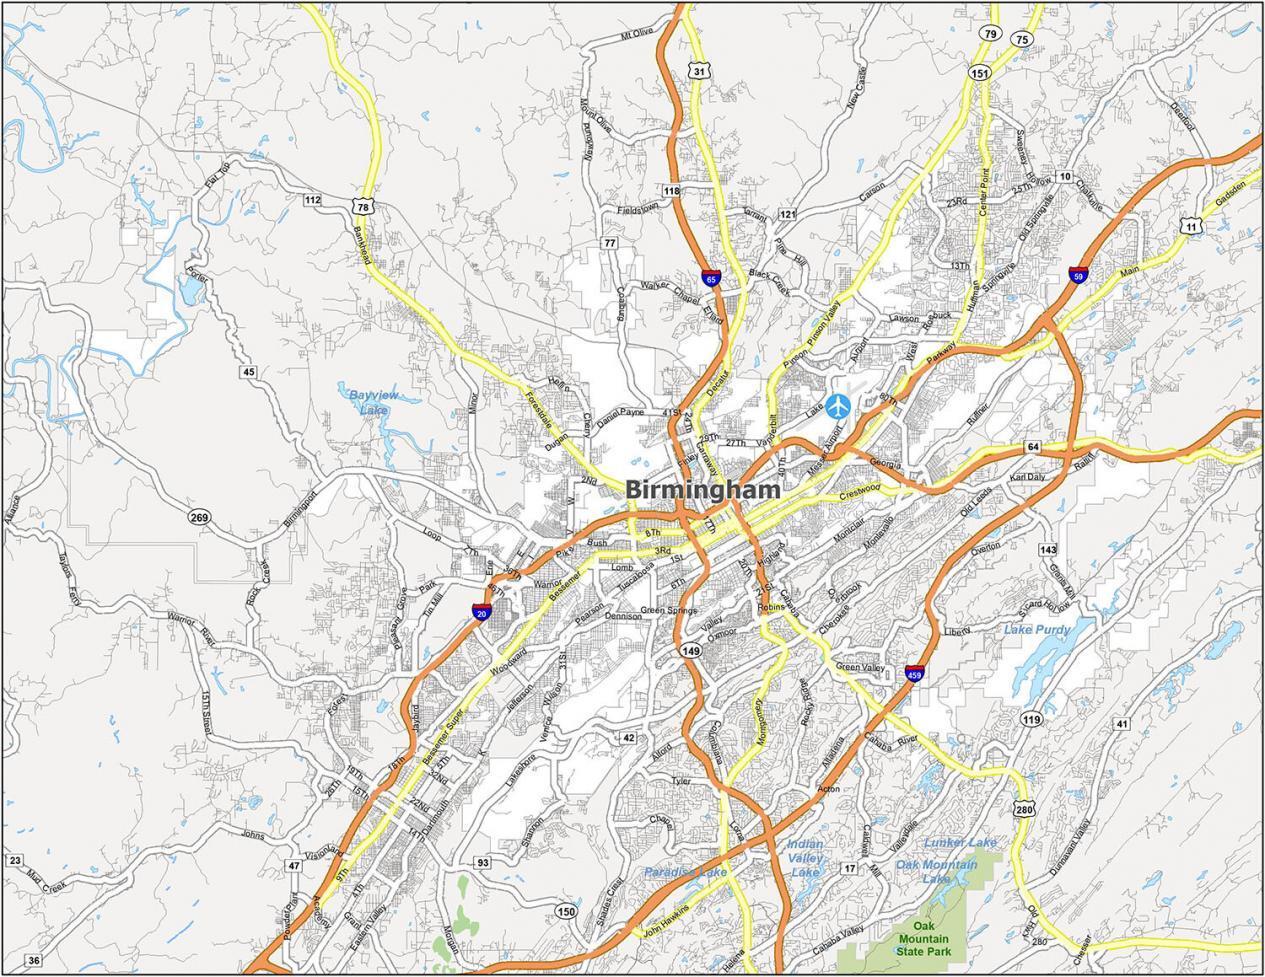 Birmingham Road Map